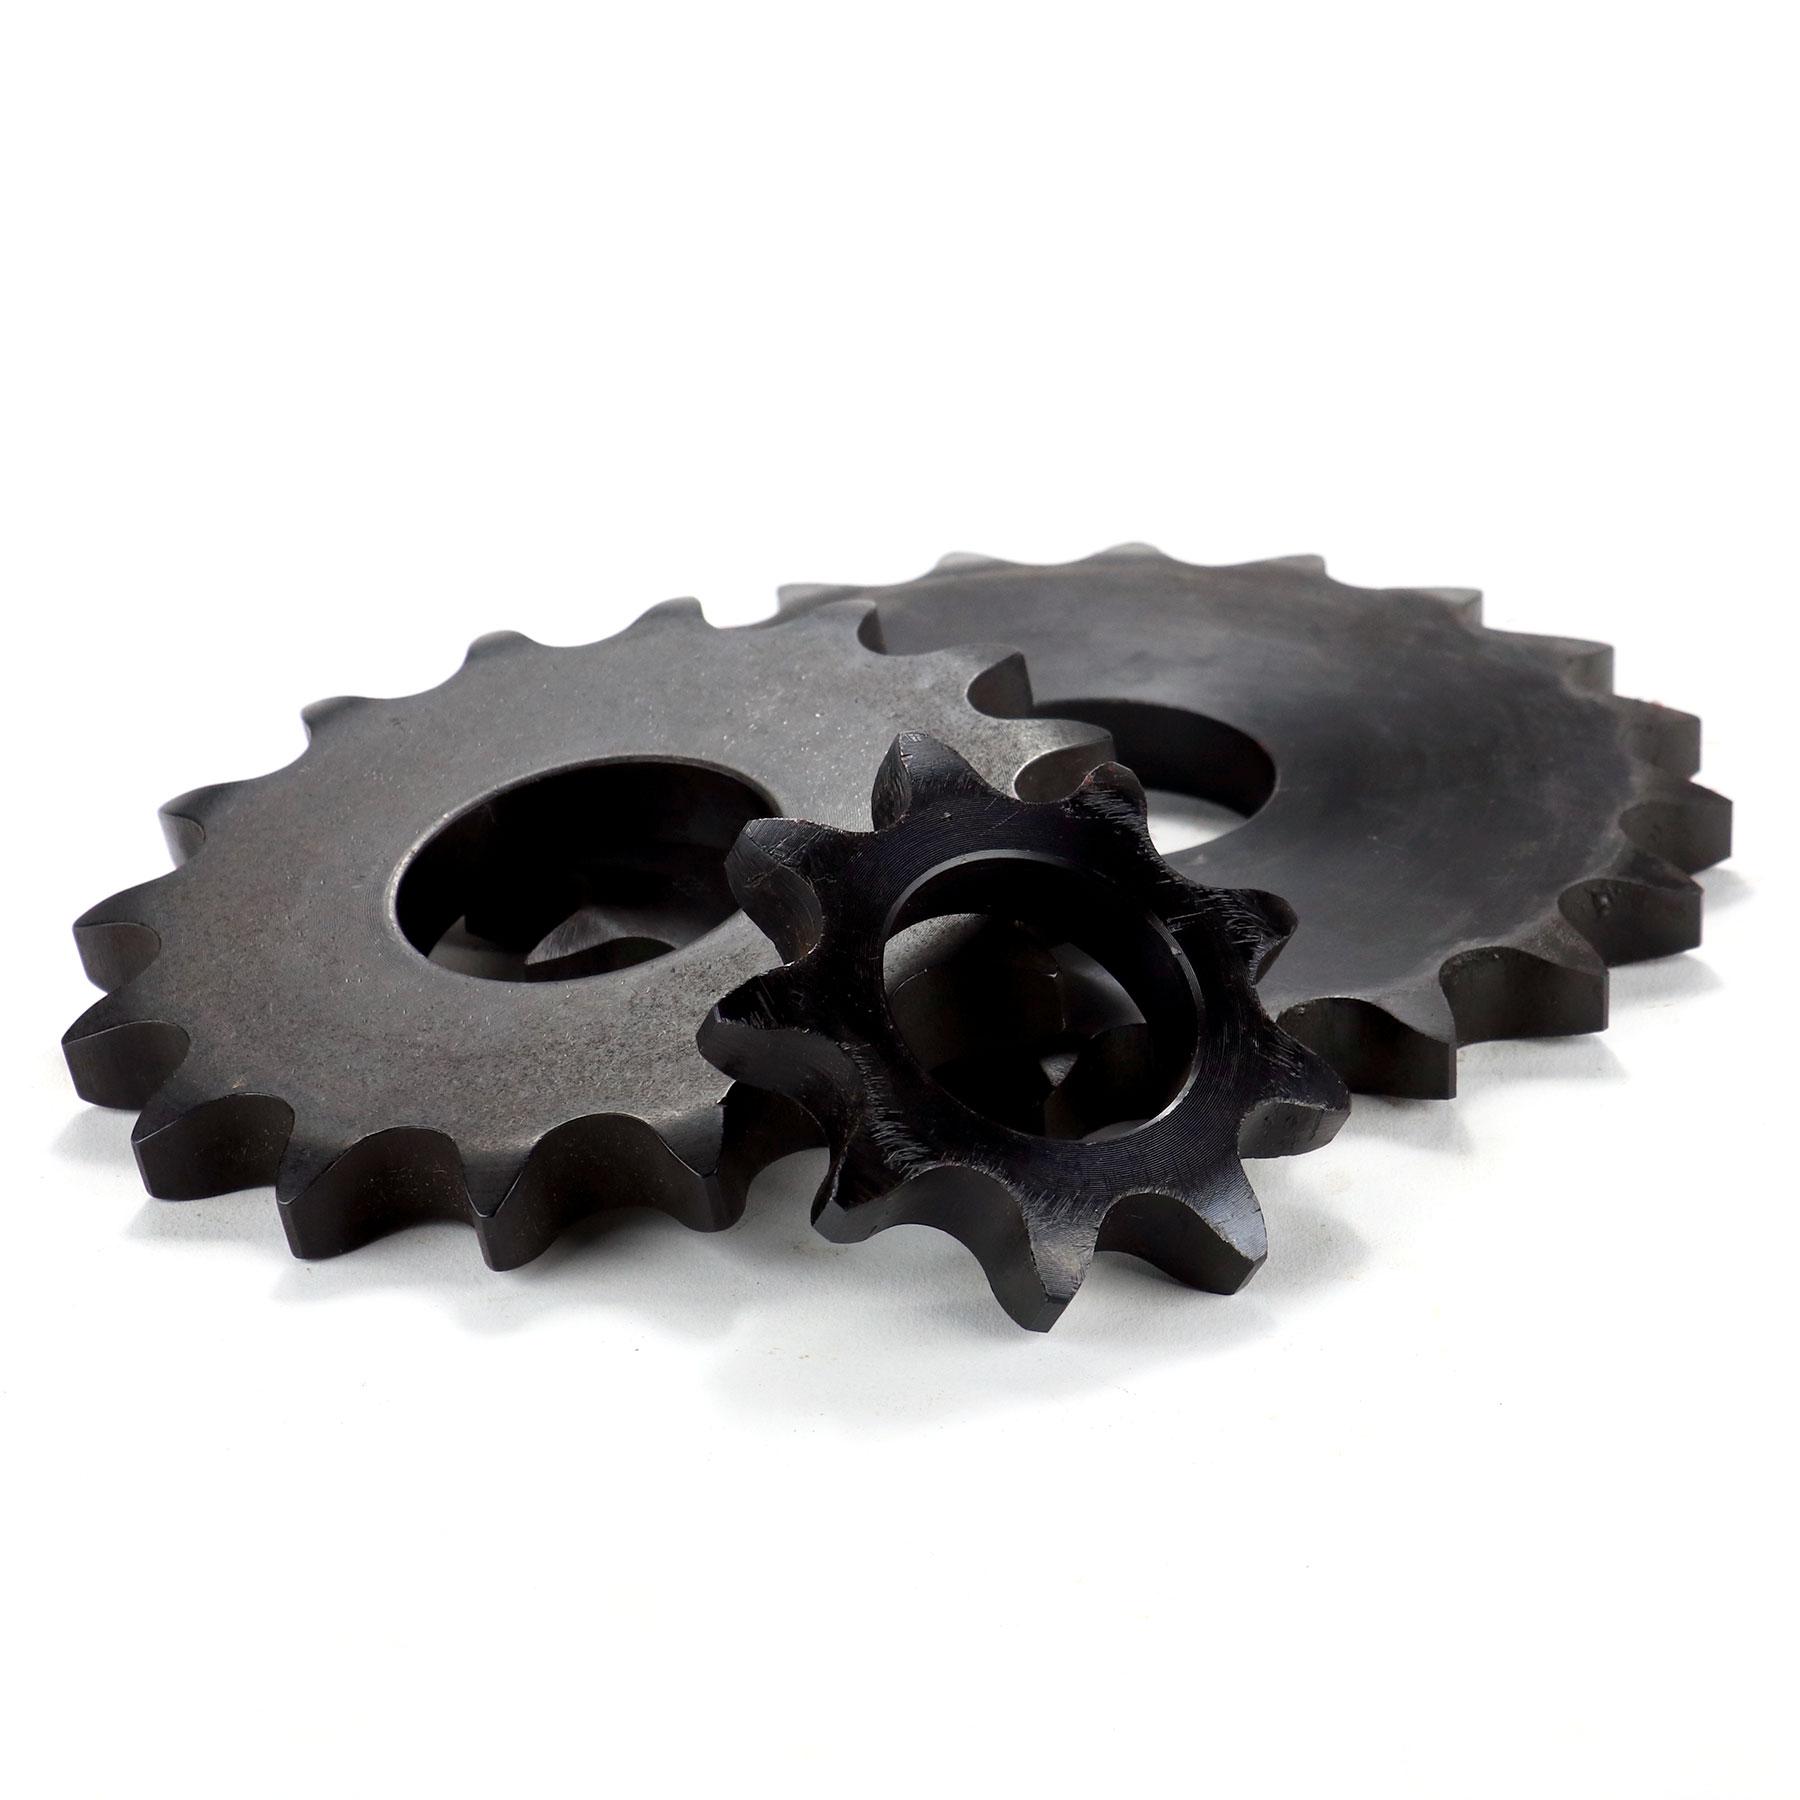 80 chain sprockets, L&M Specialty Fabrication Batavia NY